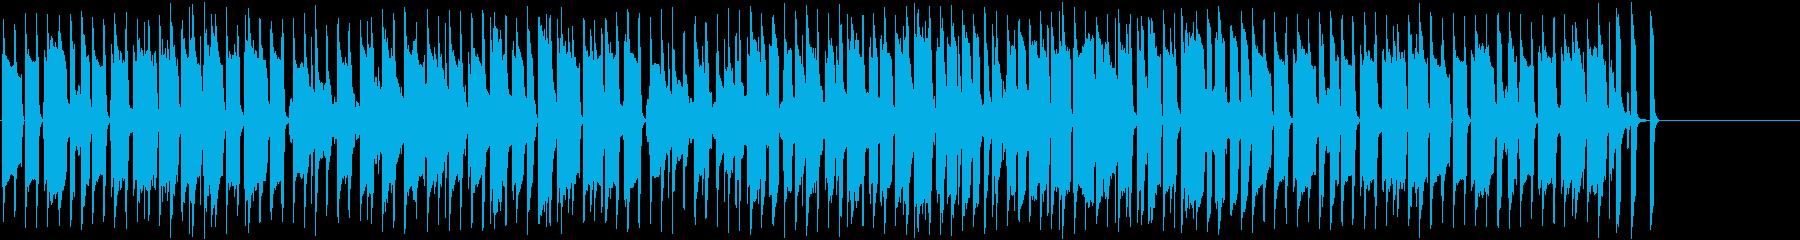 コミカルなほのぼの日常系BGMの再生済みの波形